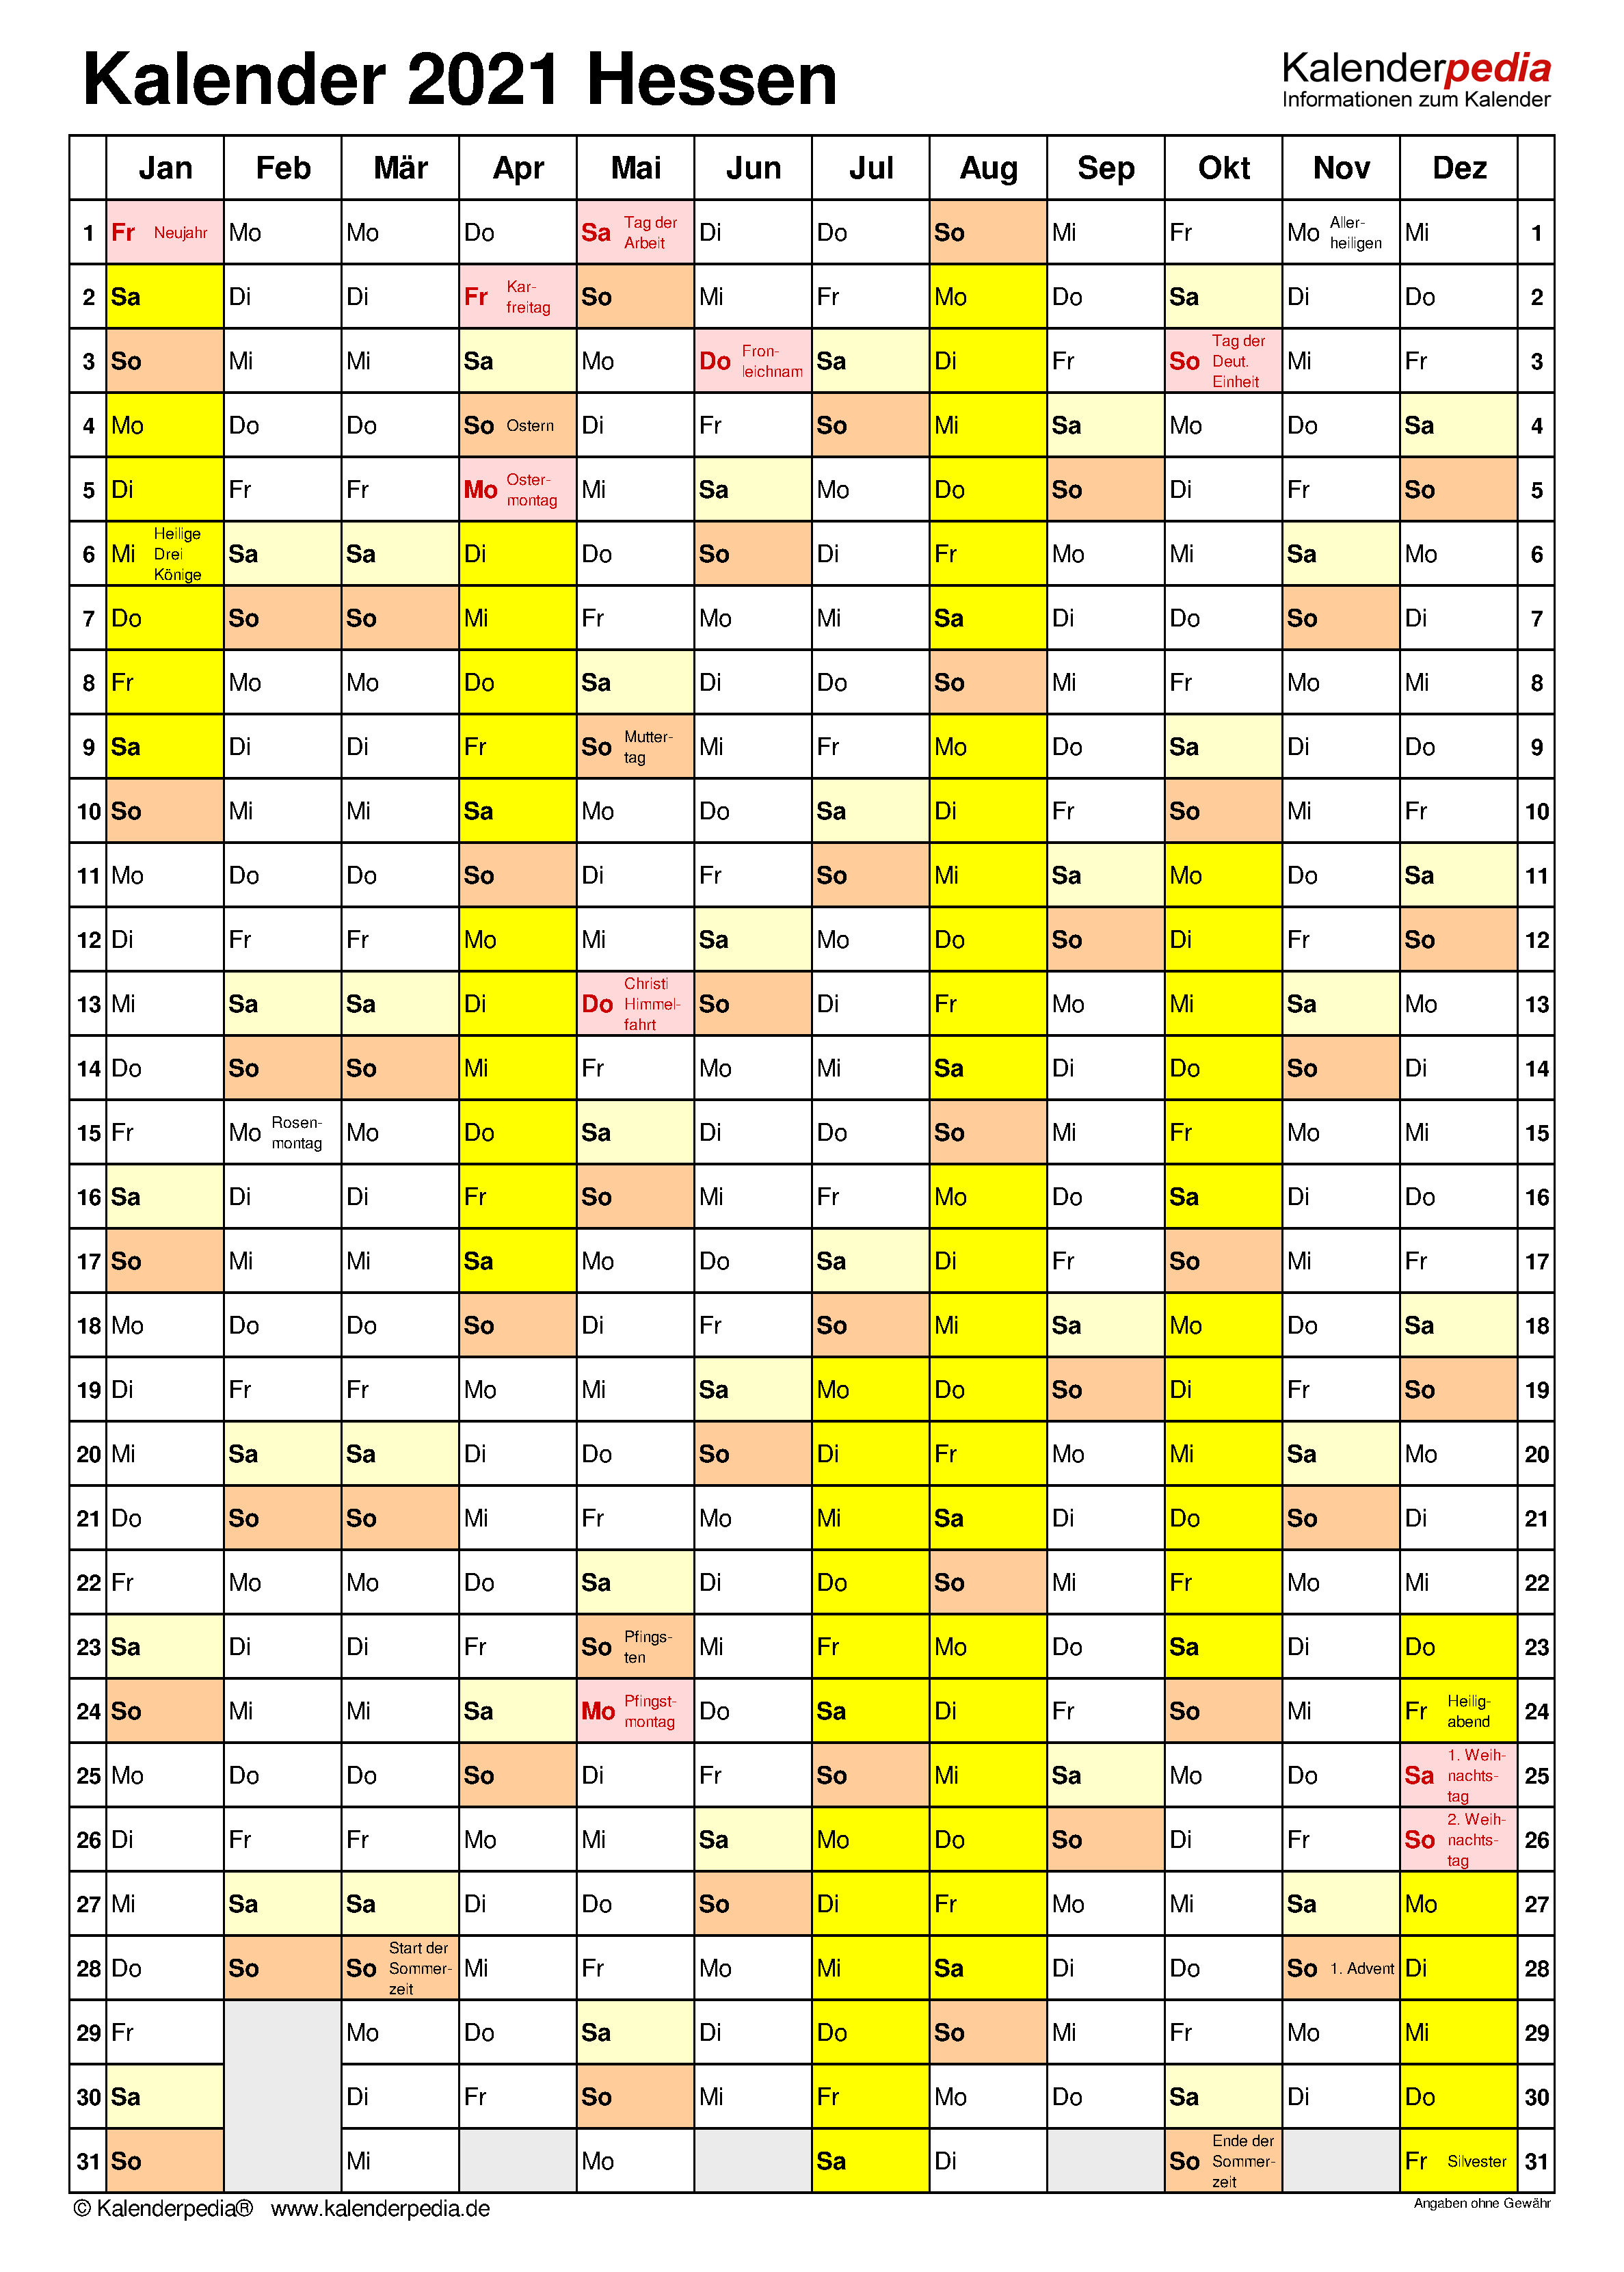 Kalender 2021 Hessen: Ferien, Feiertage, Word-Vorlagen